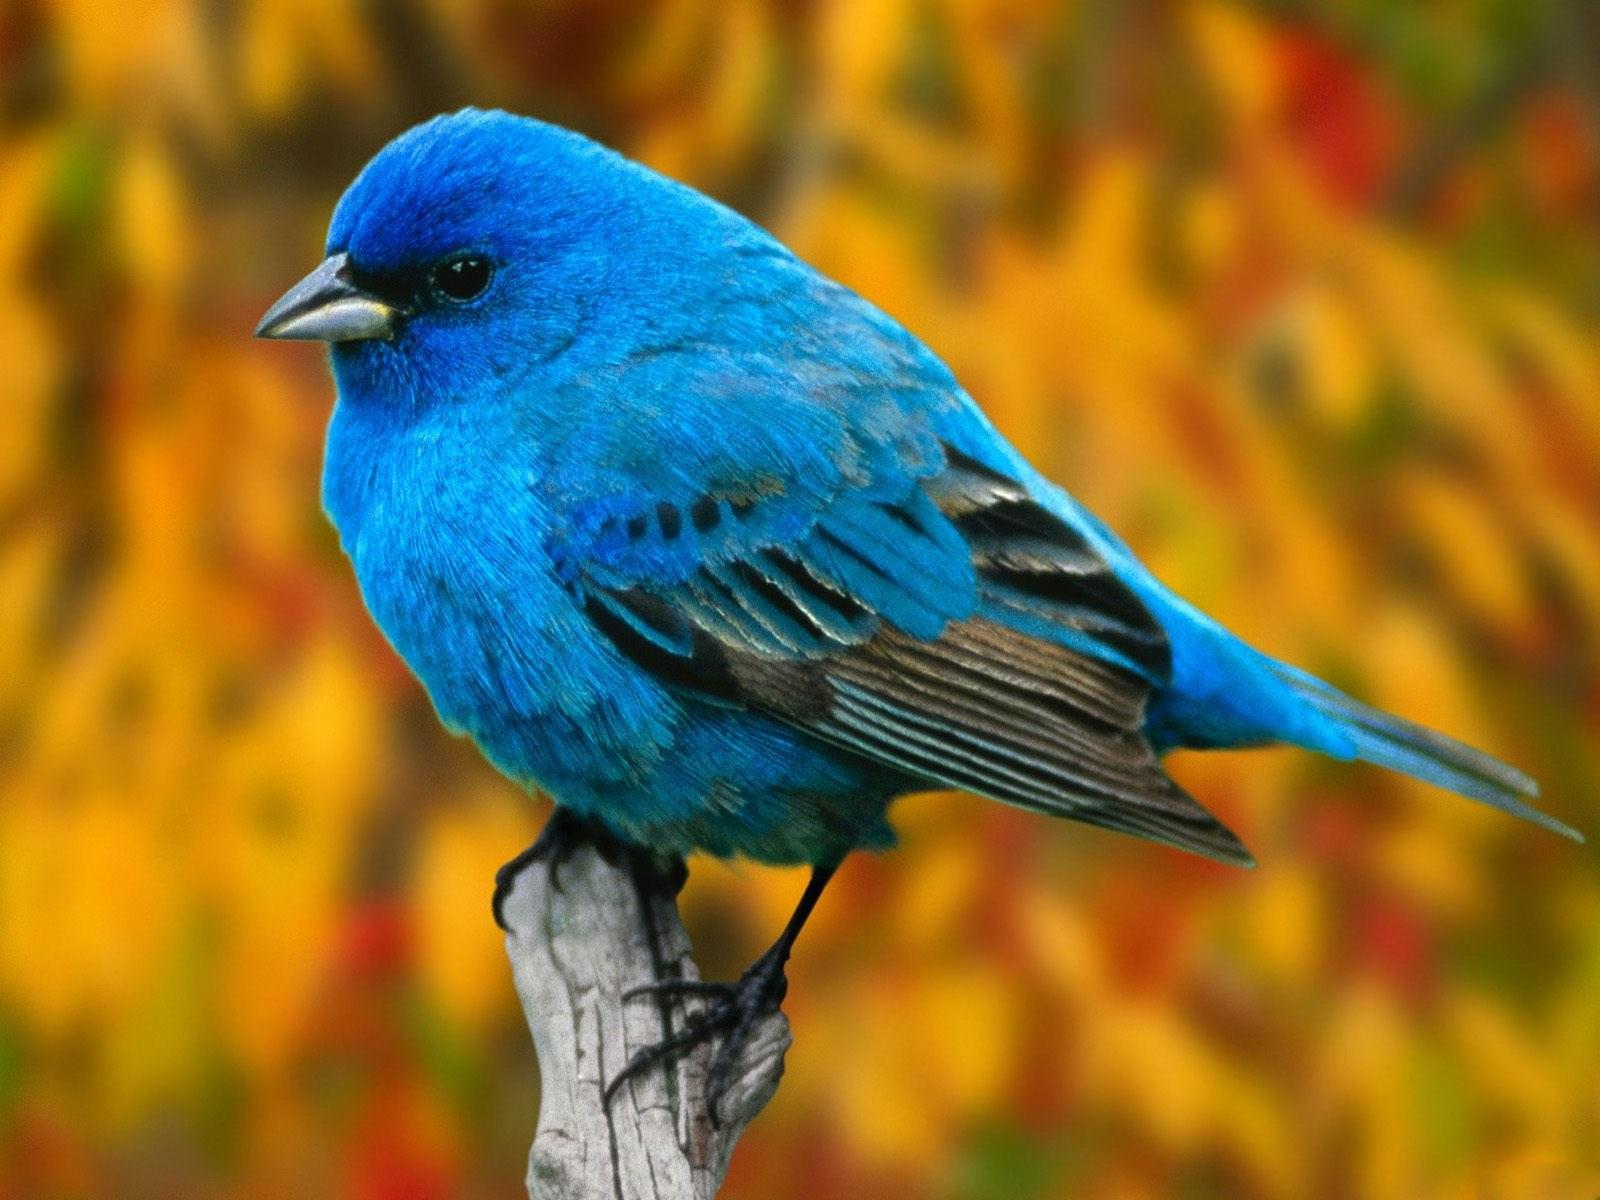 bird wallpaper cute blue bird wallpaper beautiful blue bird wallpaper 1600x1200